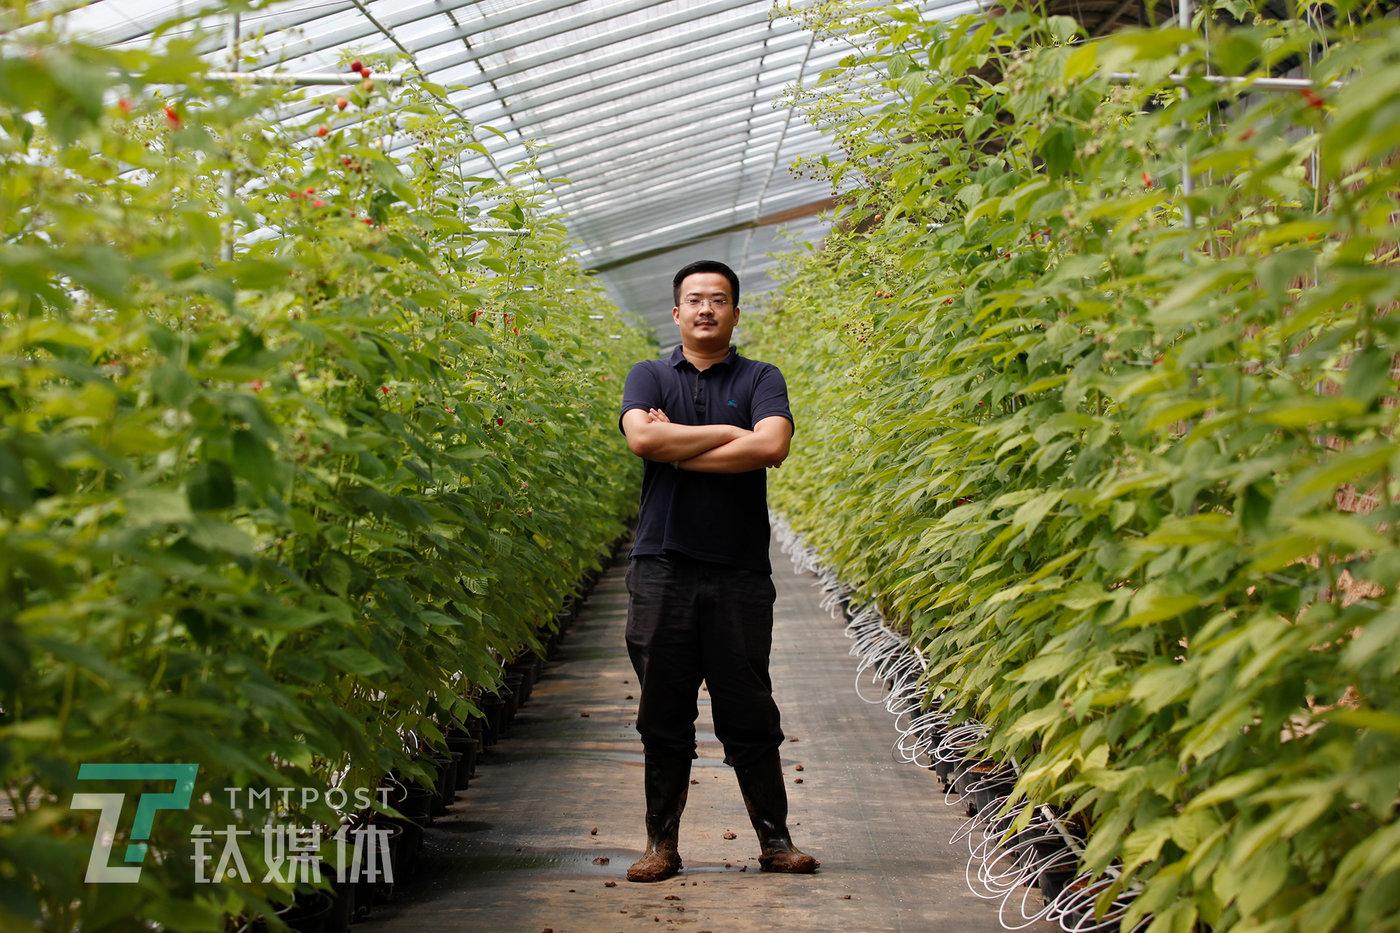 7月31日,郝亦成在树莓温室大棚。